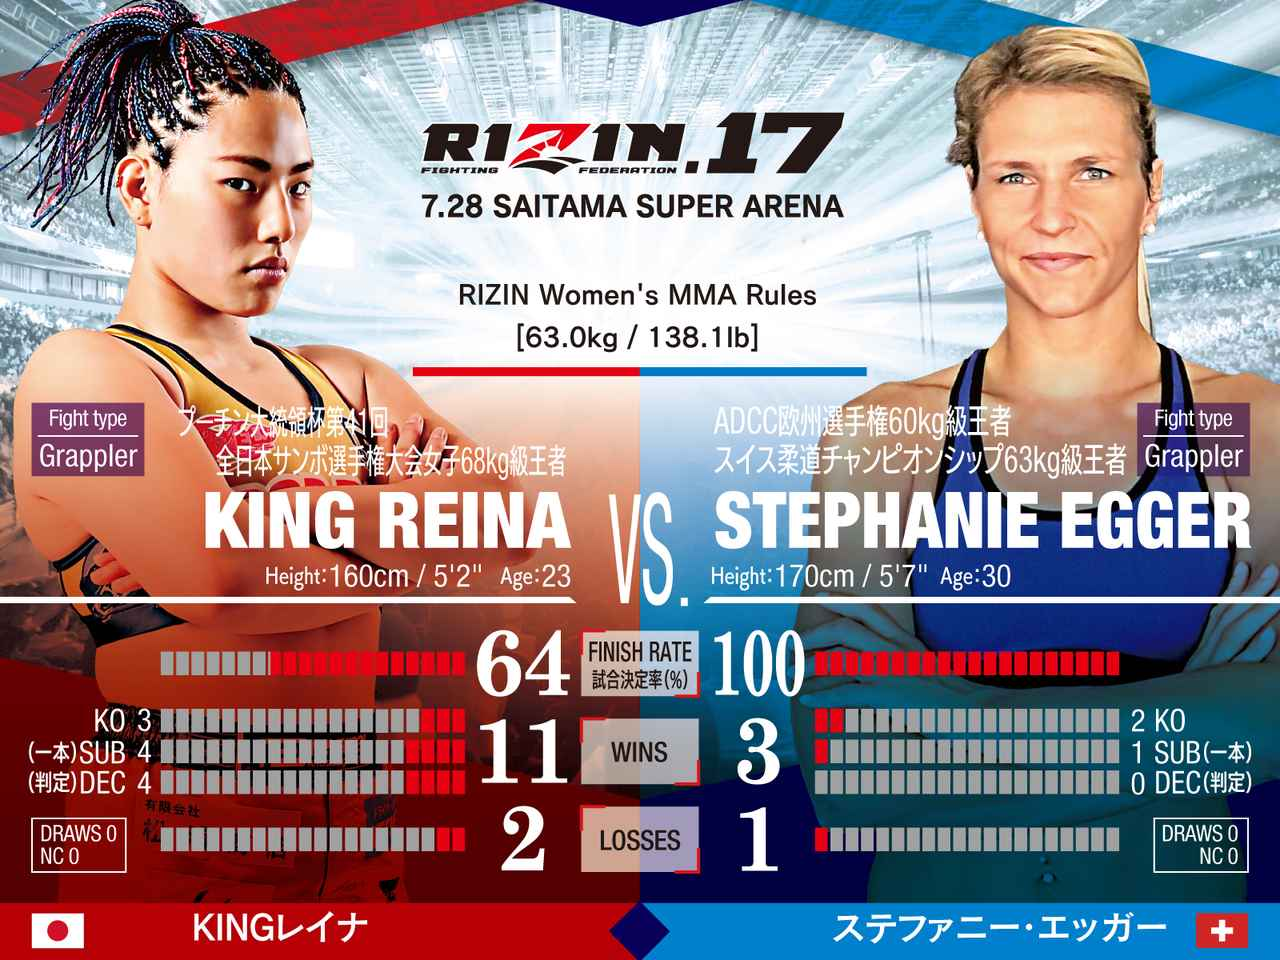 画像: KINGレイナ VS. ステファニー・エッガー